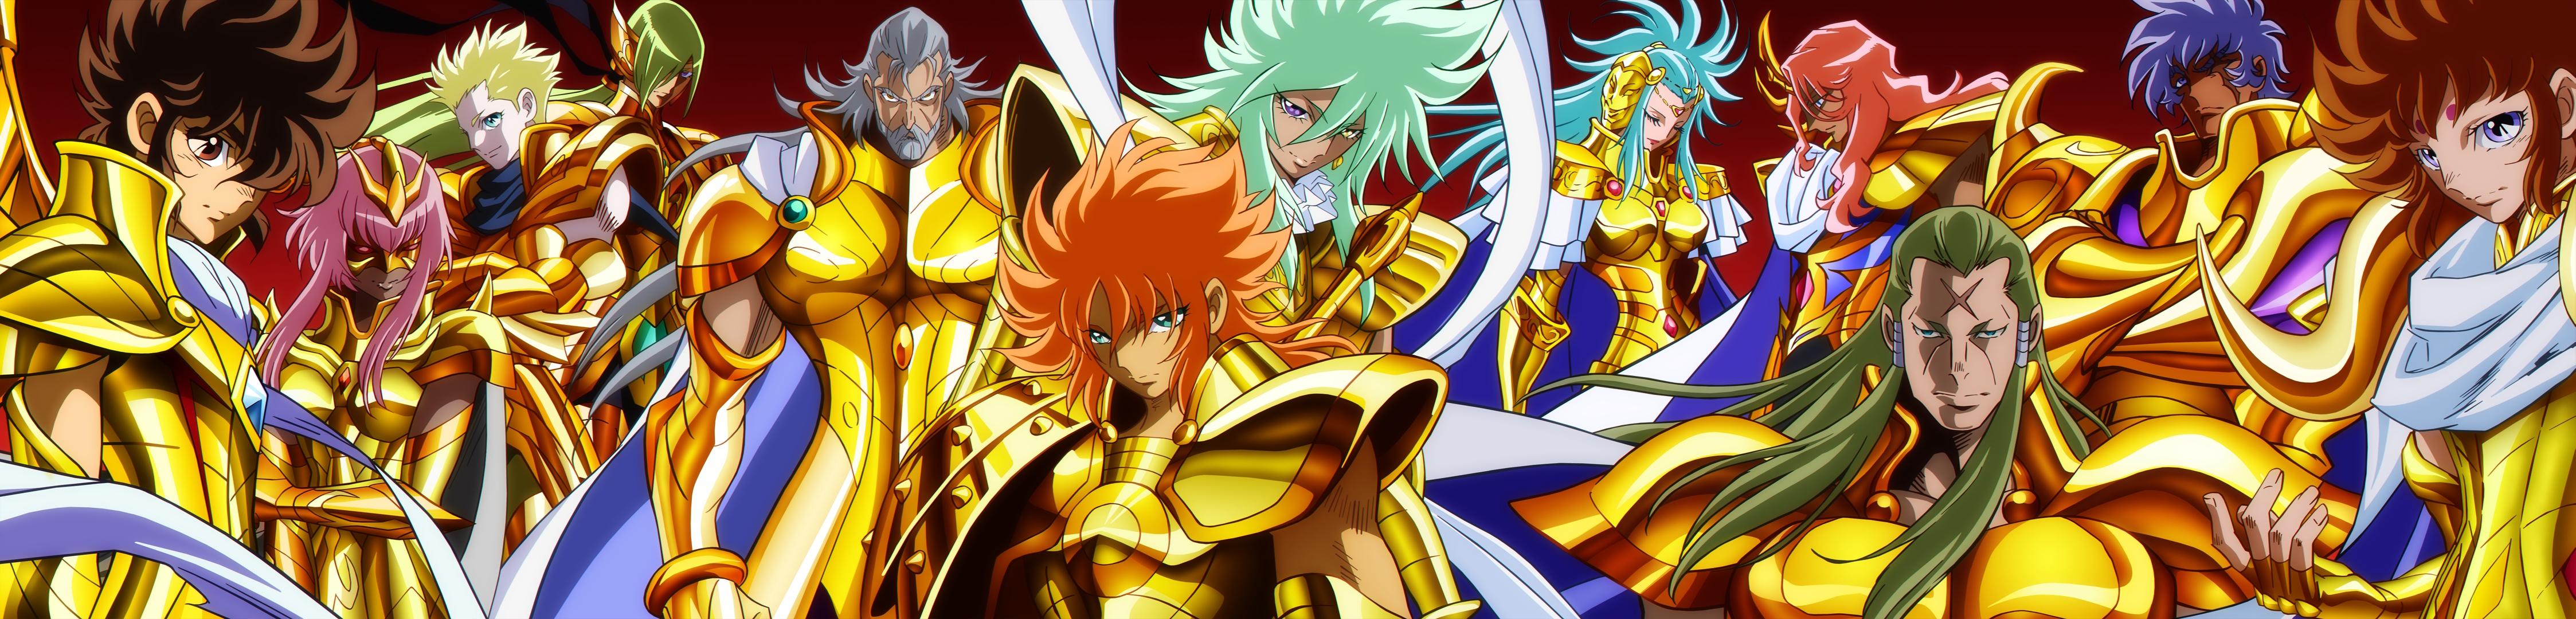 Gold.Saints.-.Omega.full.1620773.jpg